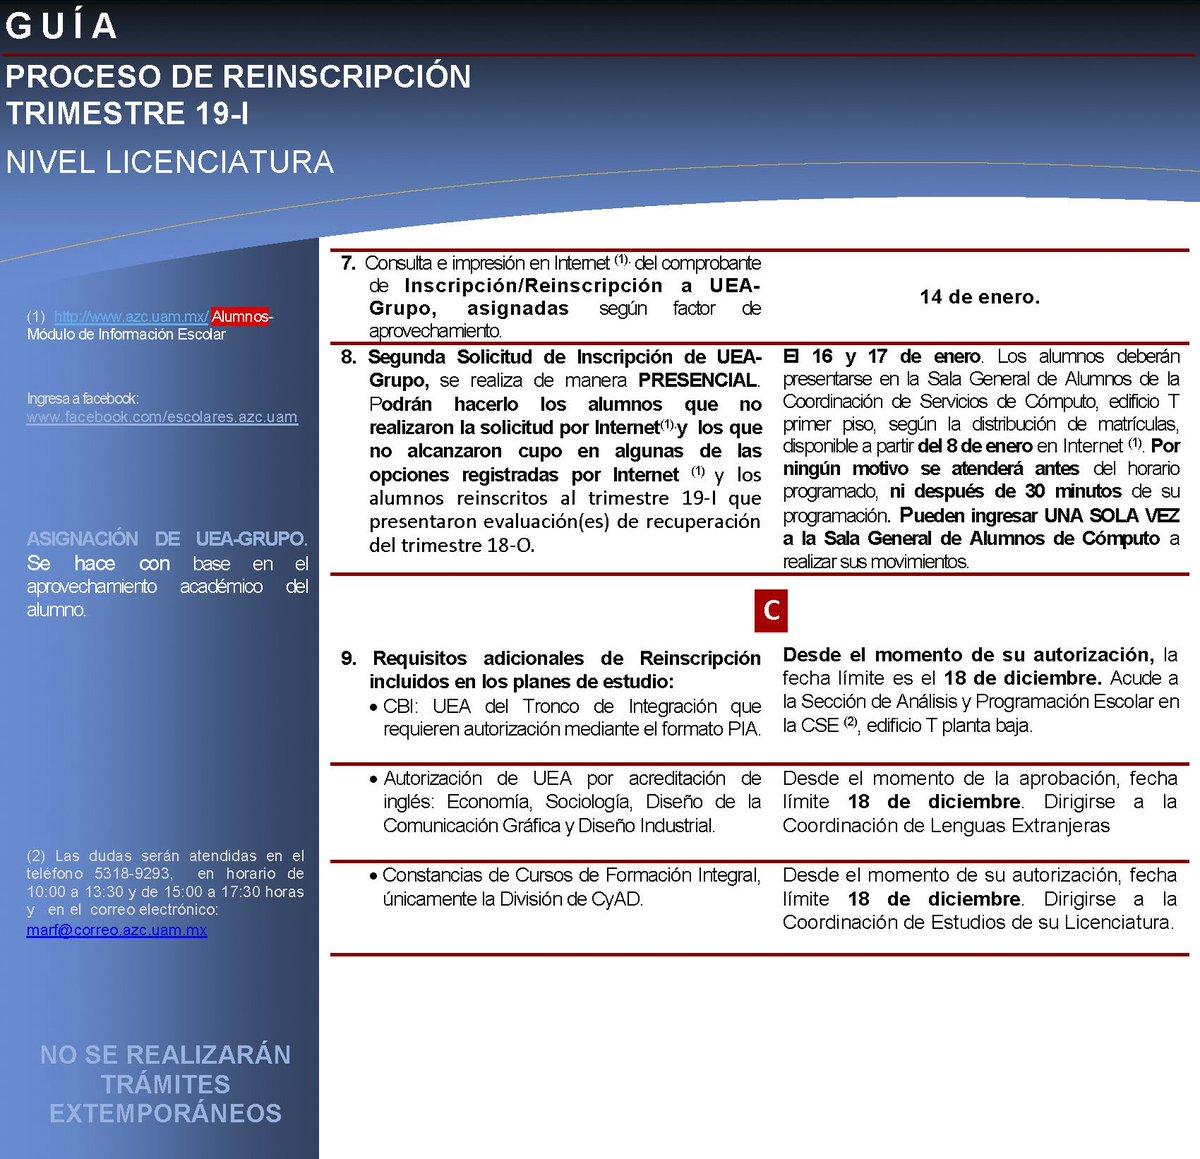 Info Y Divulgación On Twitter Guía Proceso De